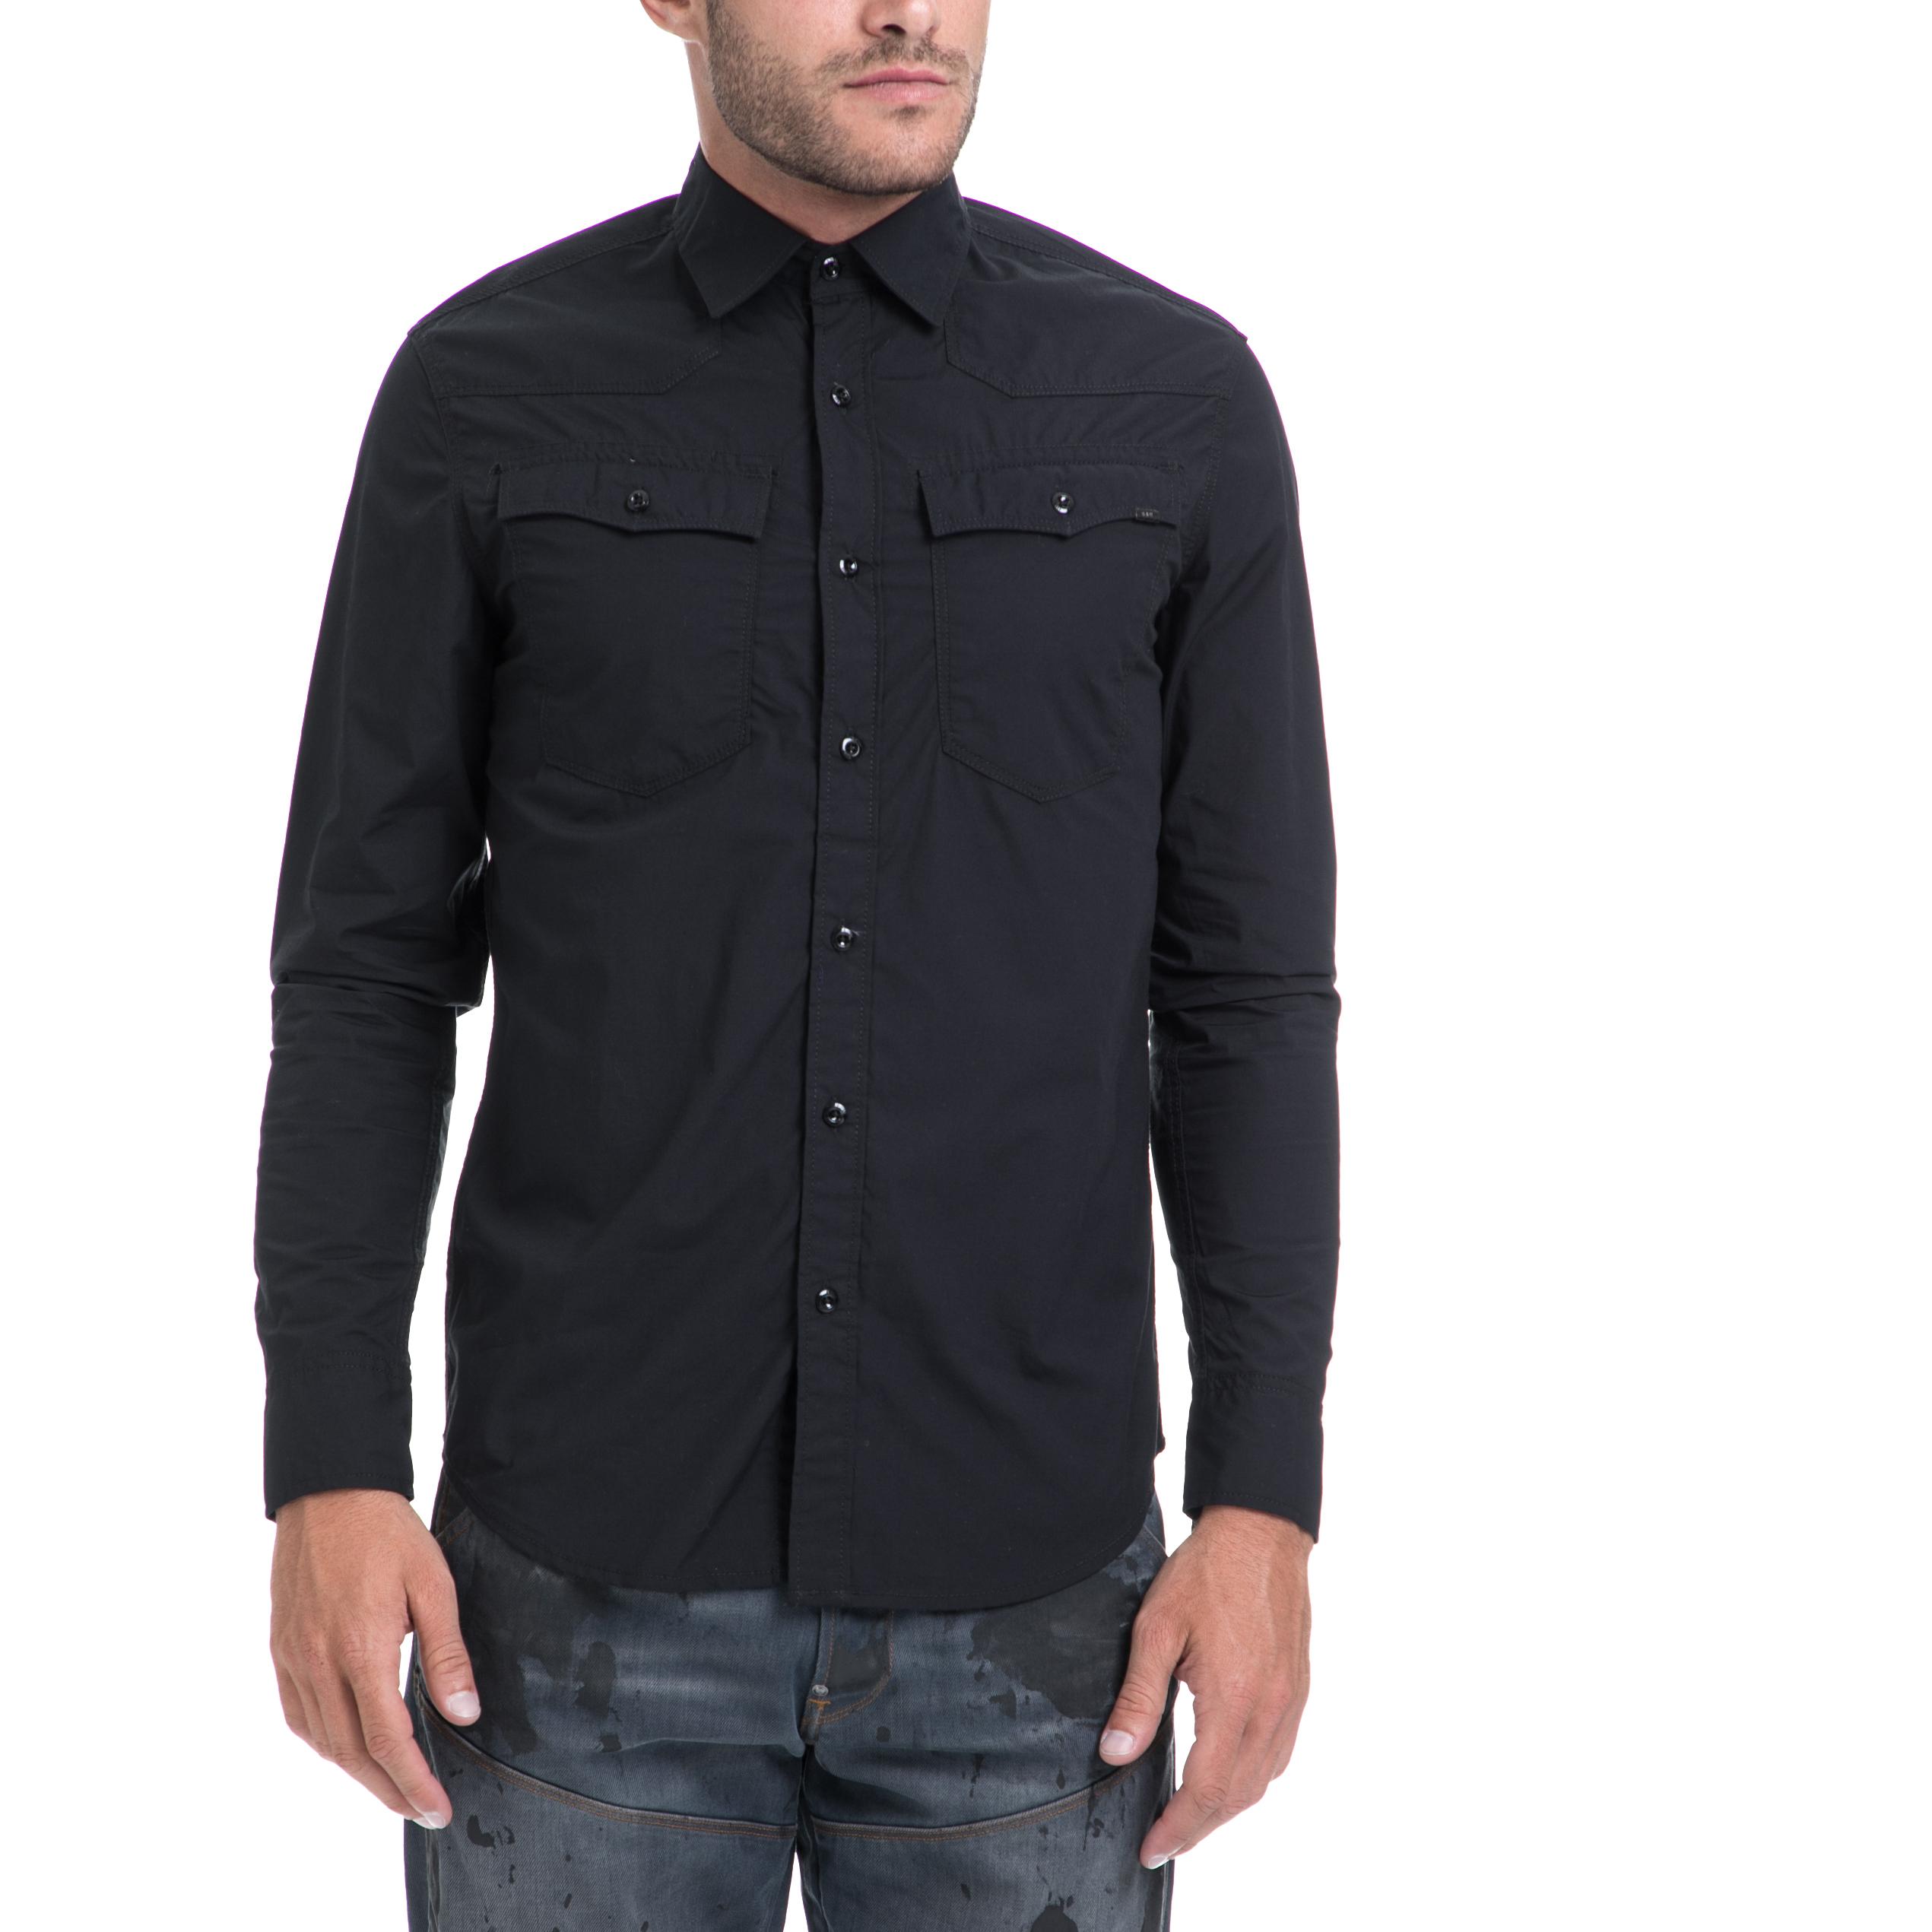 G-STAR RAW – Αντρικό πουκάμισο G-STAR RAW μαύρο